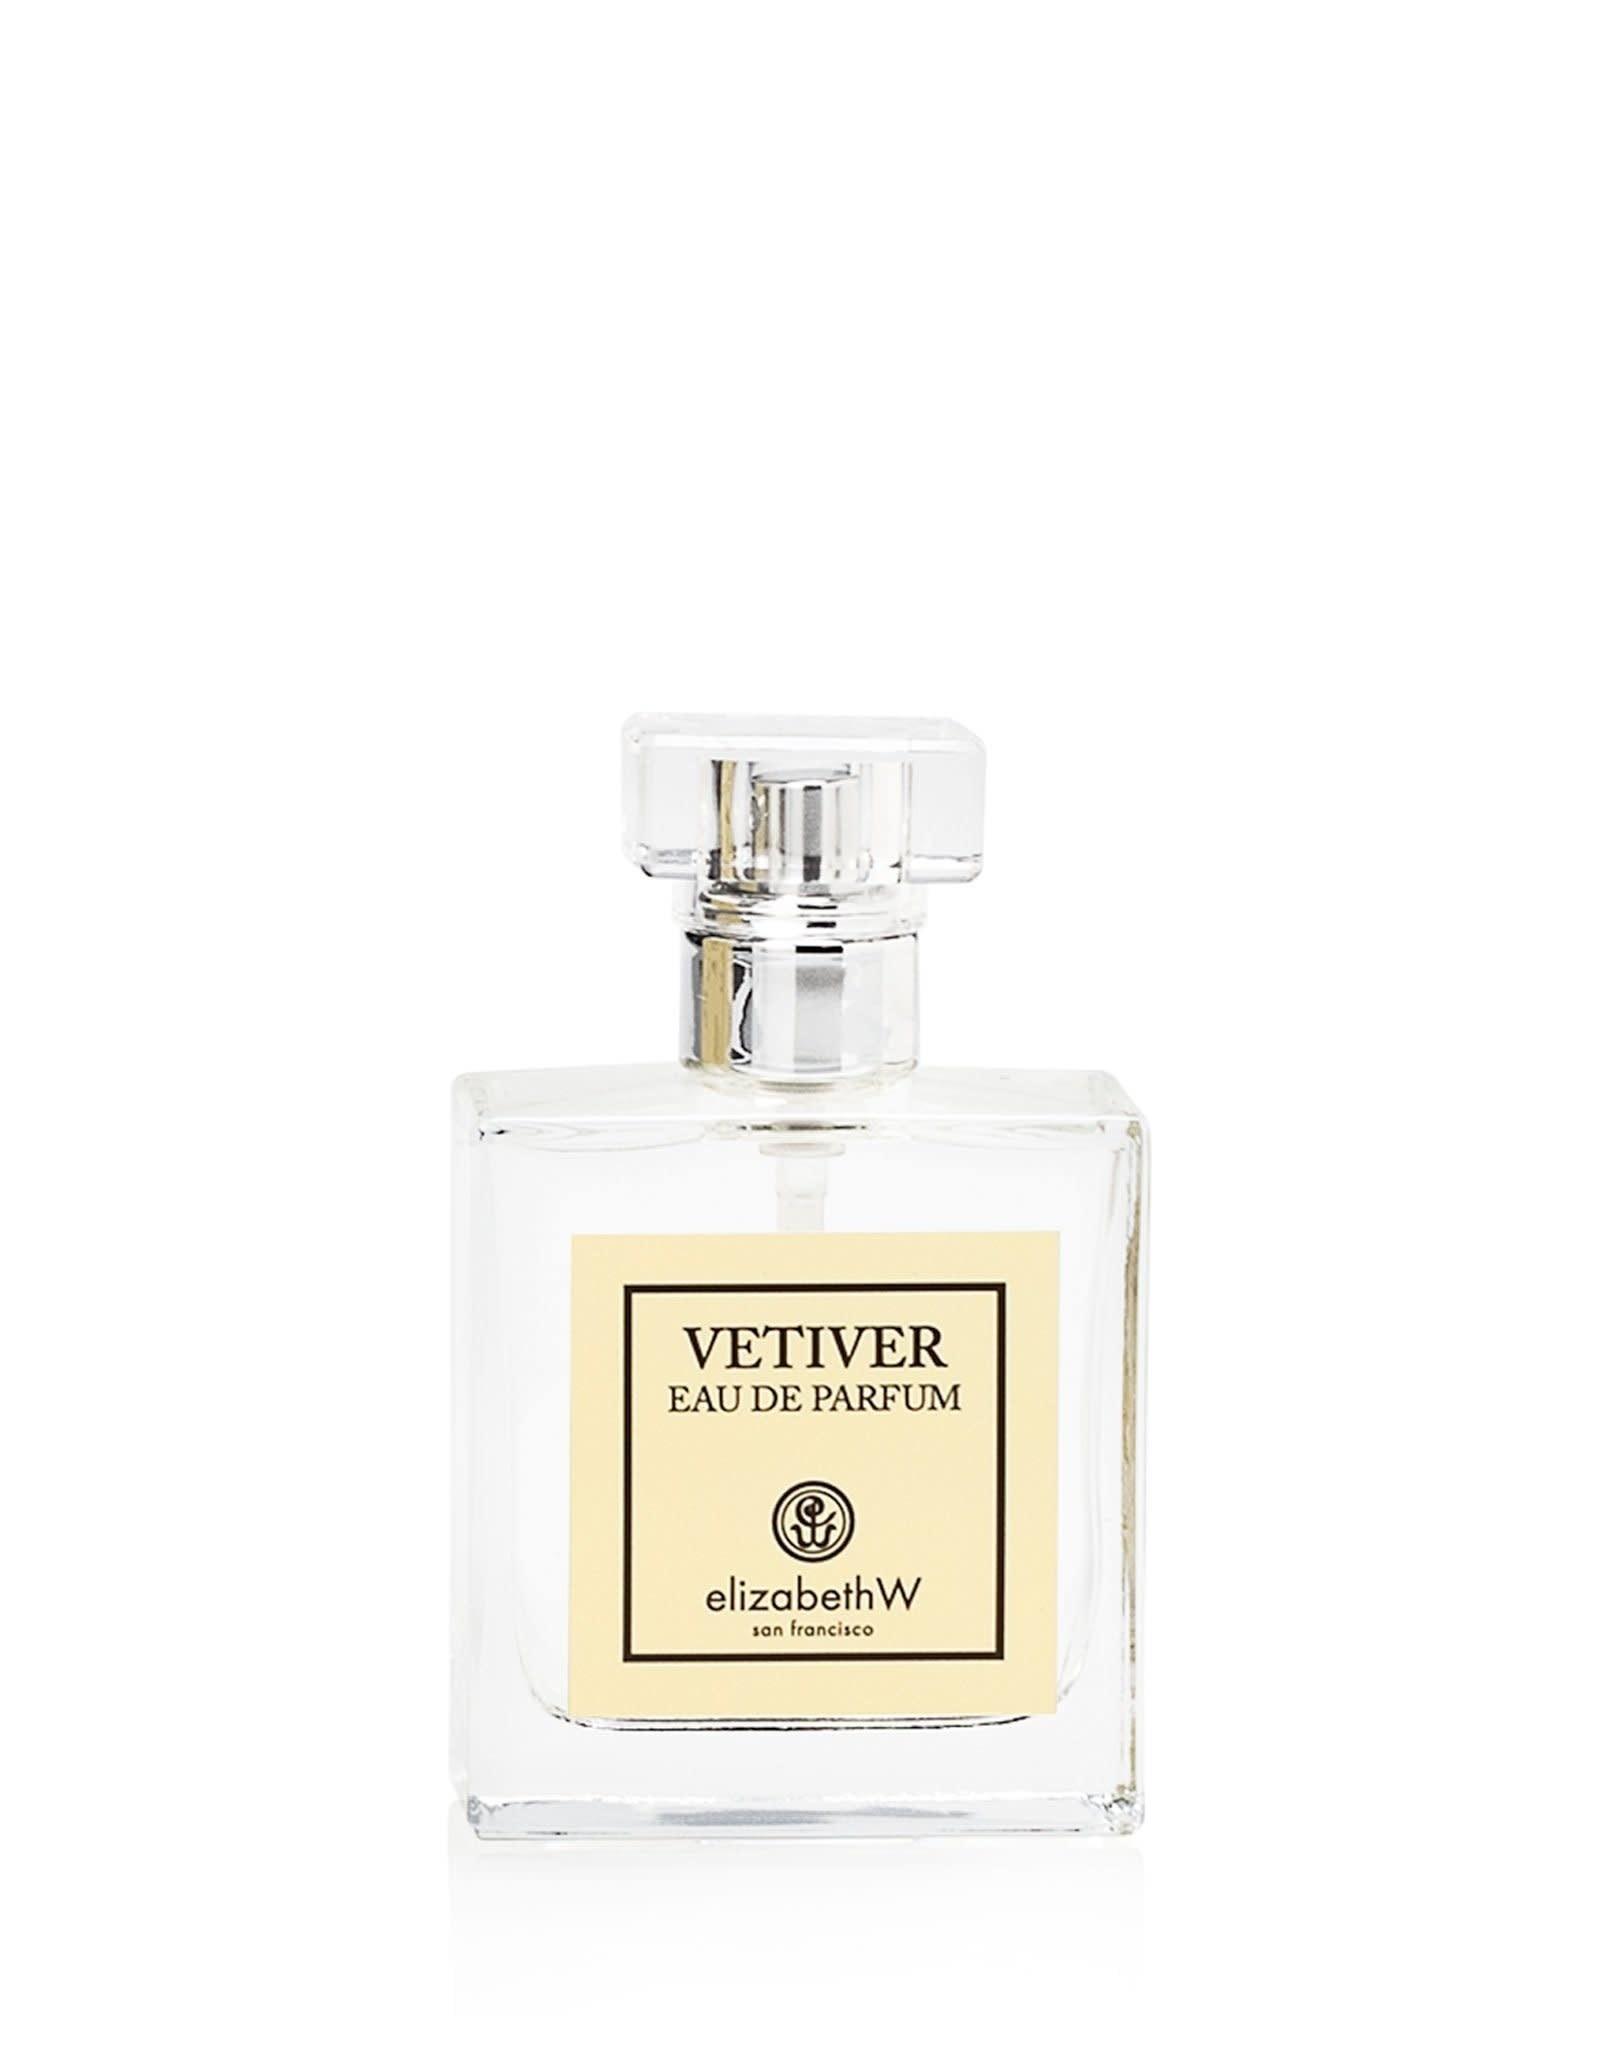 ElizabethW Eau de Parfum